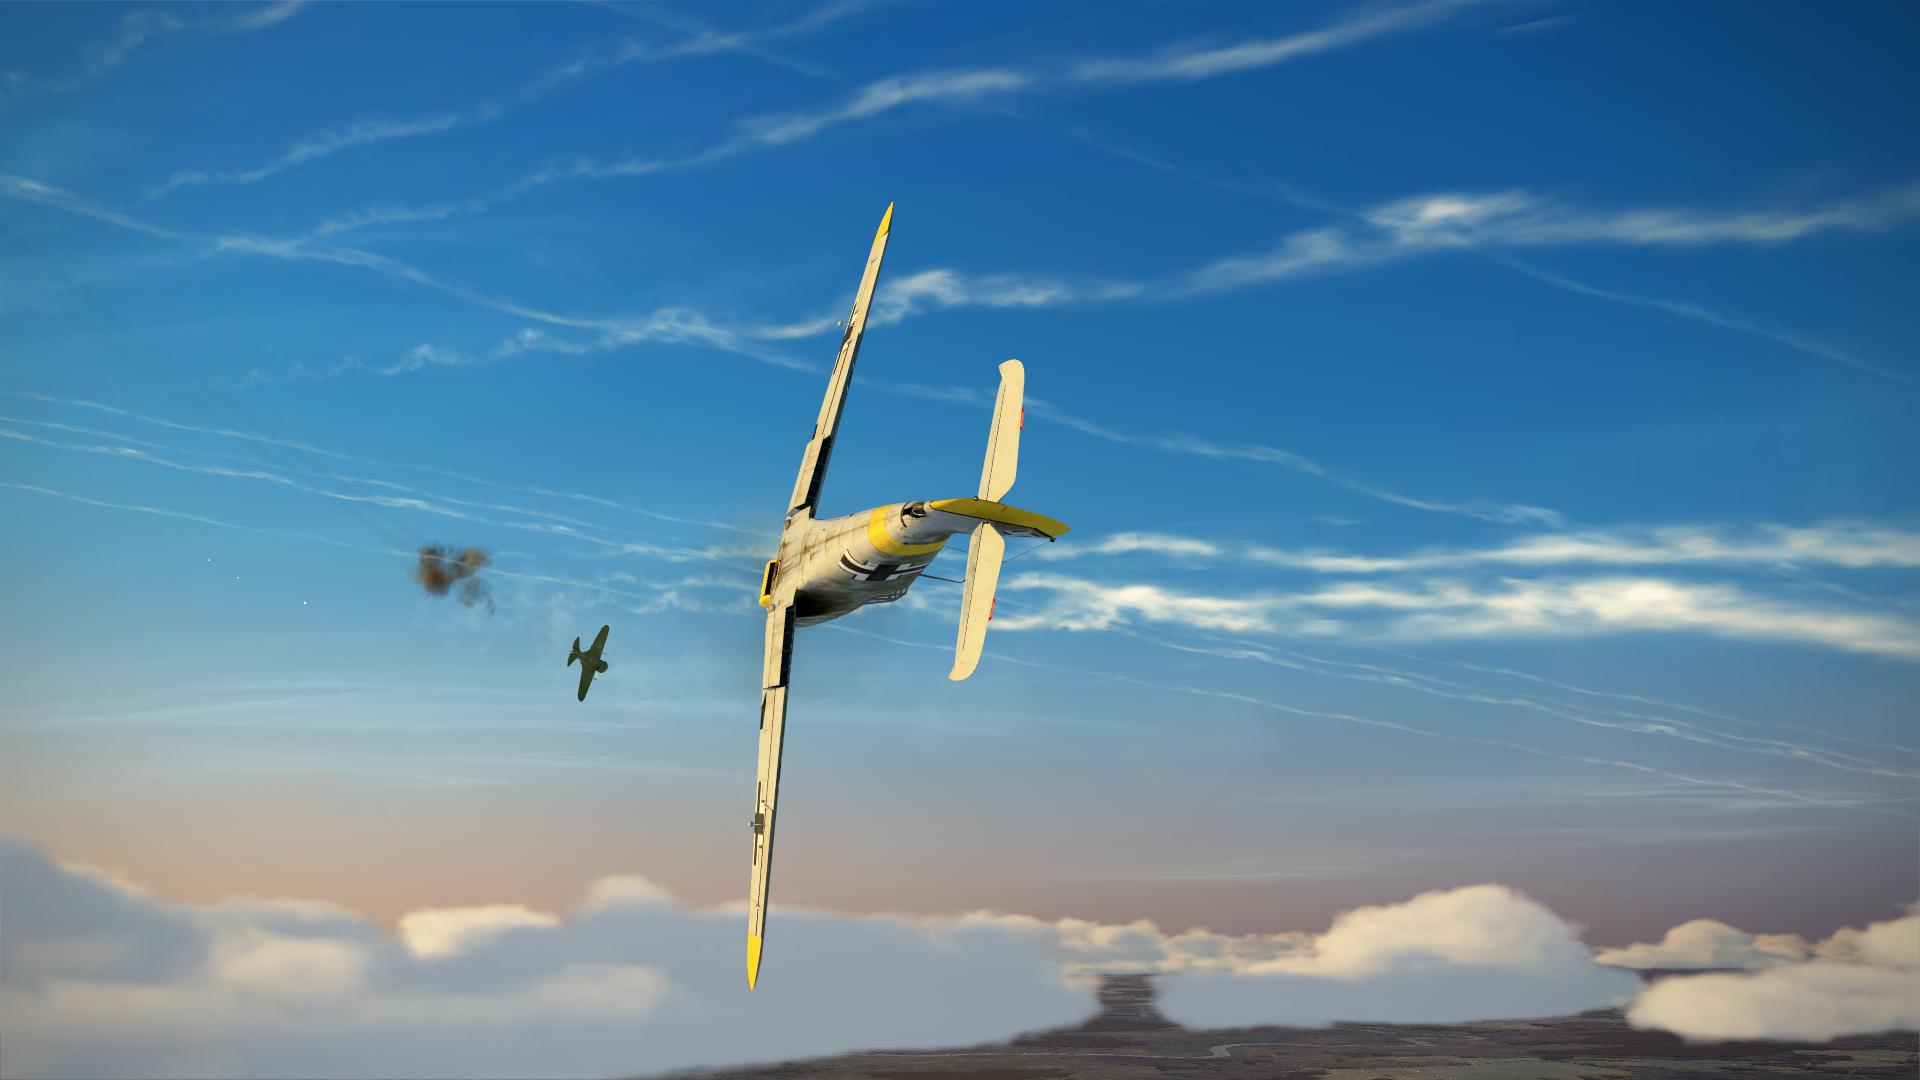 IL-2 Sturmovik Battle of Stalingrad Screenshot 2020.03.24 - 15.31.12.17.png